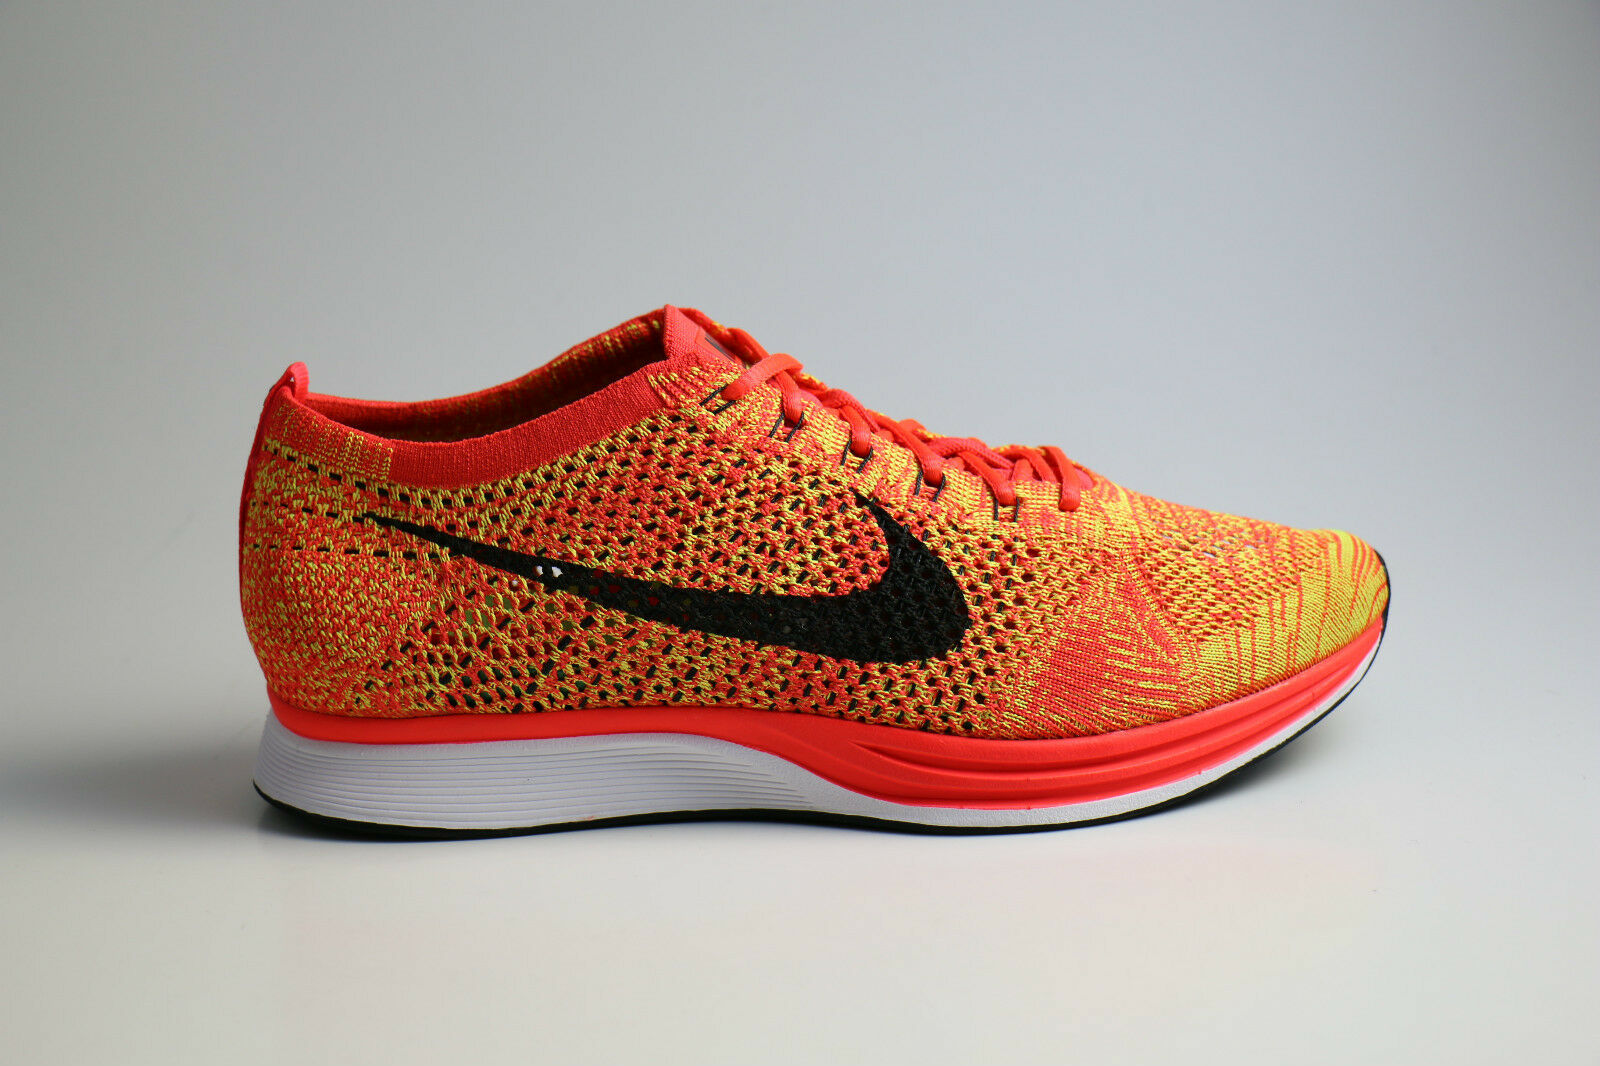 Nike Flyknit Racer Bright Crimson Orange Volt 41 42 42,5 45 8 8,5 11 526628 602